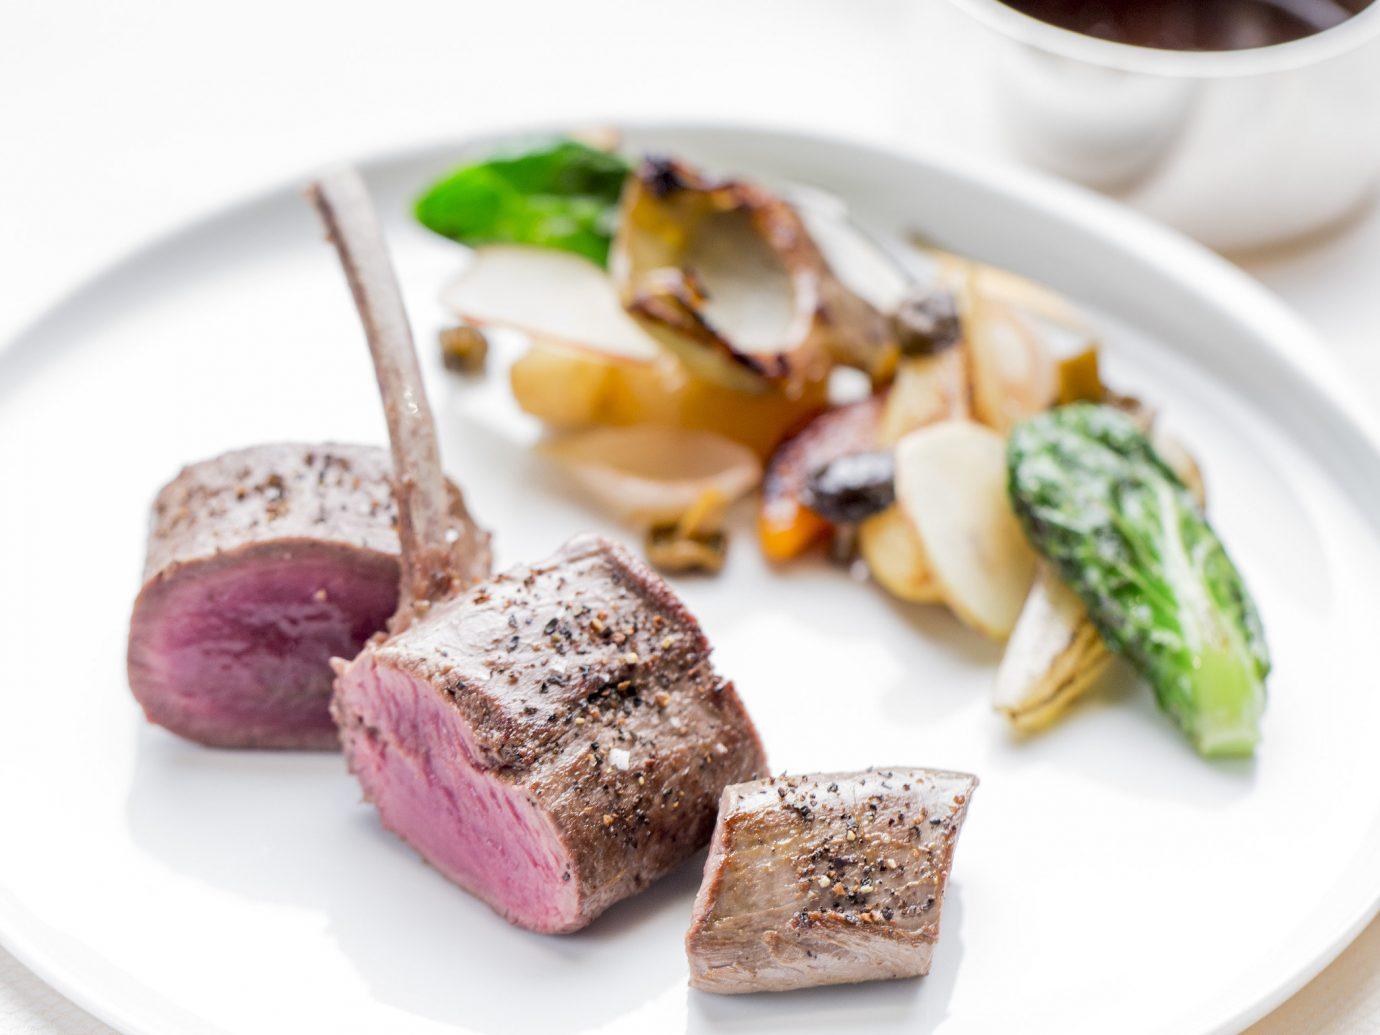 plate food dish produce cuisine slice meal meat dessert breakfast arranged sliced piece de resistance